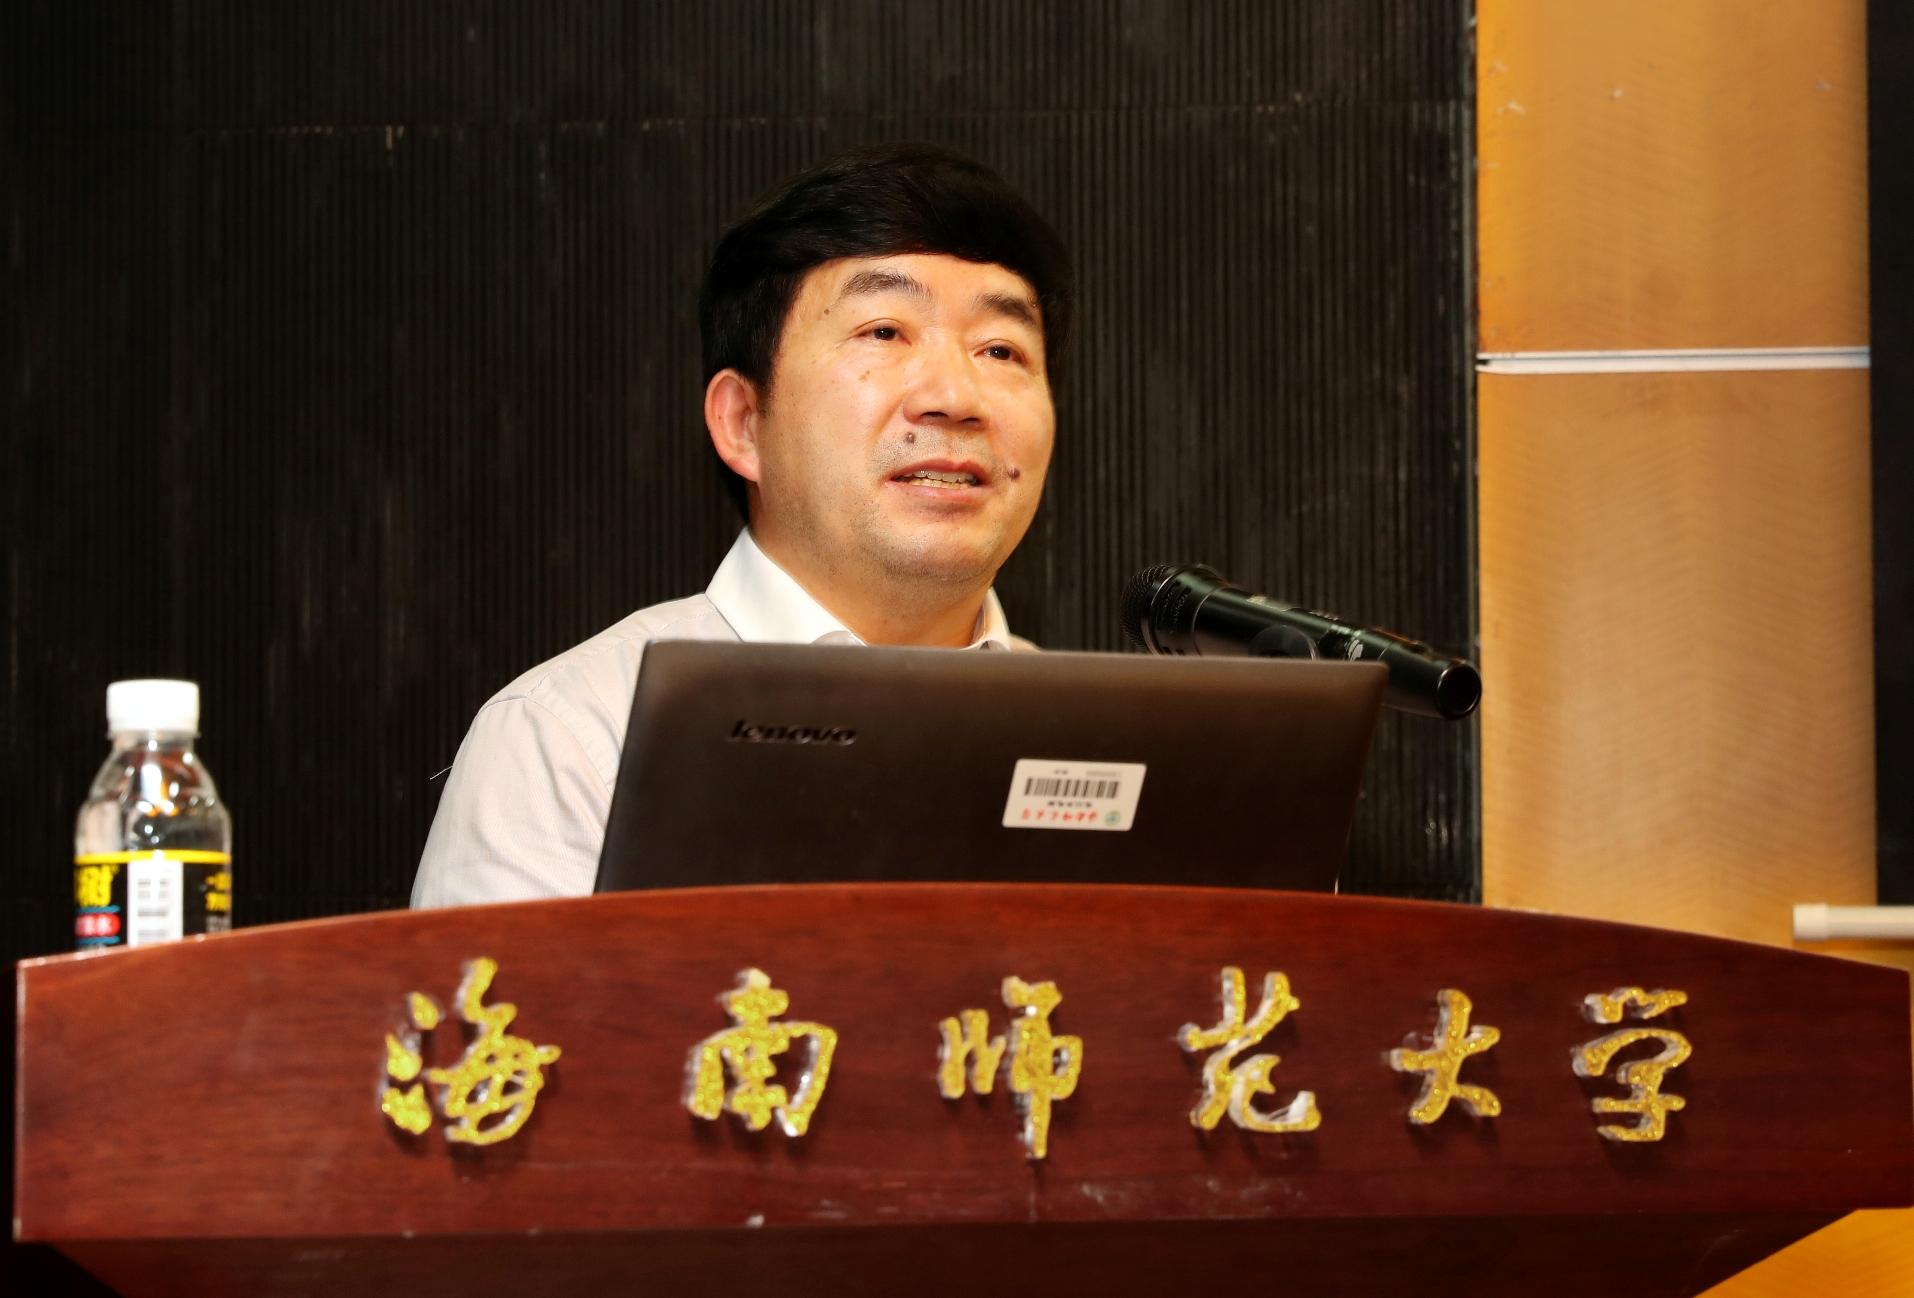 中国社会科学院民族学与人类学研究所所长王延中到我校做专题讲座